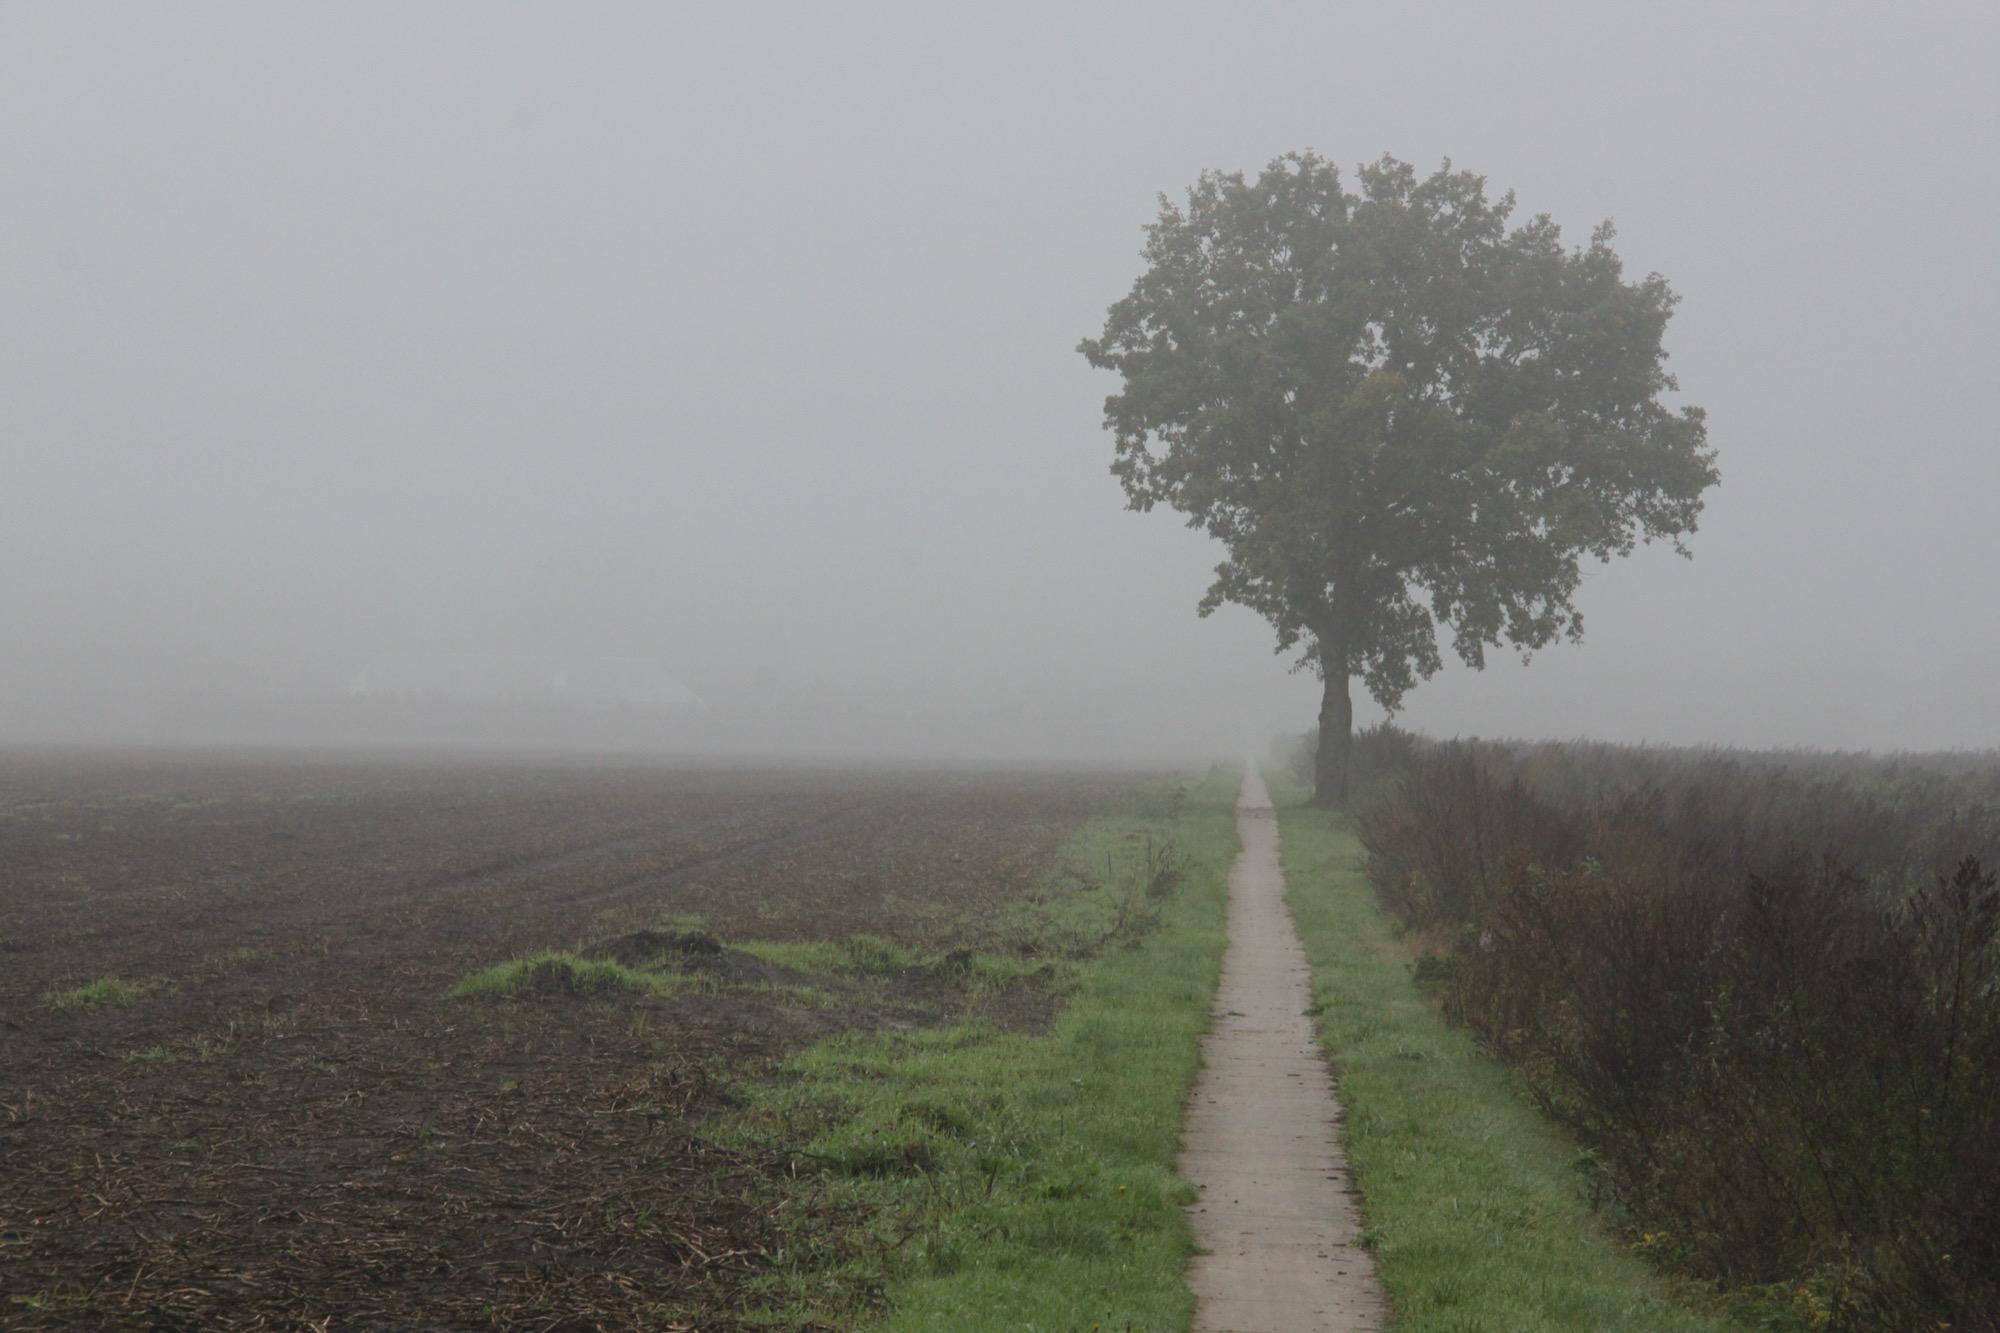 Rondje Drenthe Coevorden-Meppel melkpadtie